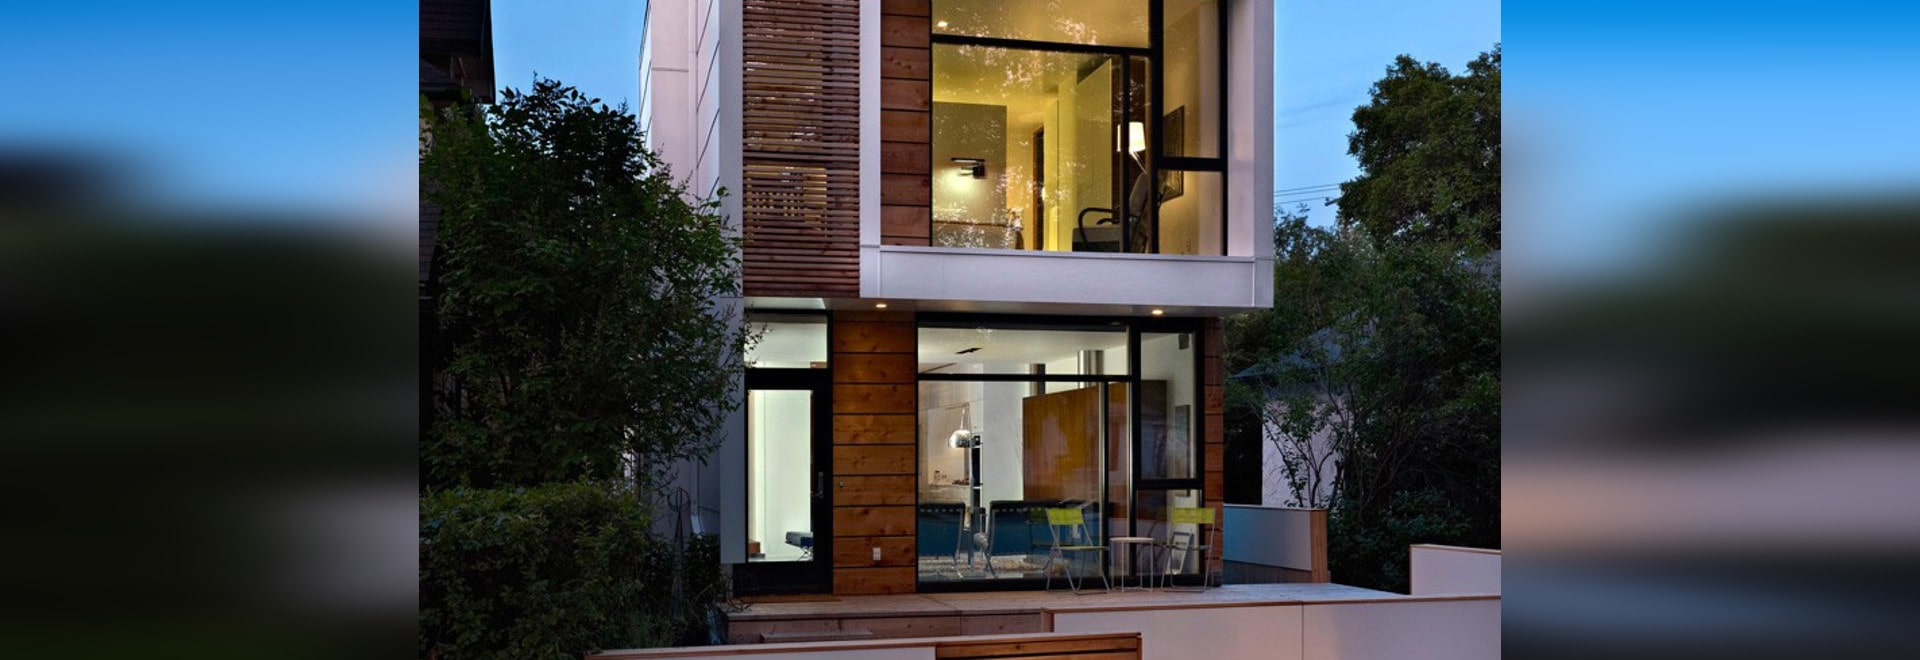 Une maison étroite qui maintient son yeux sur la rue